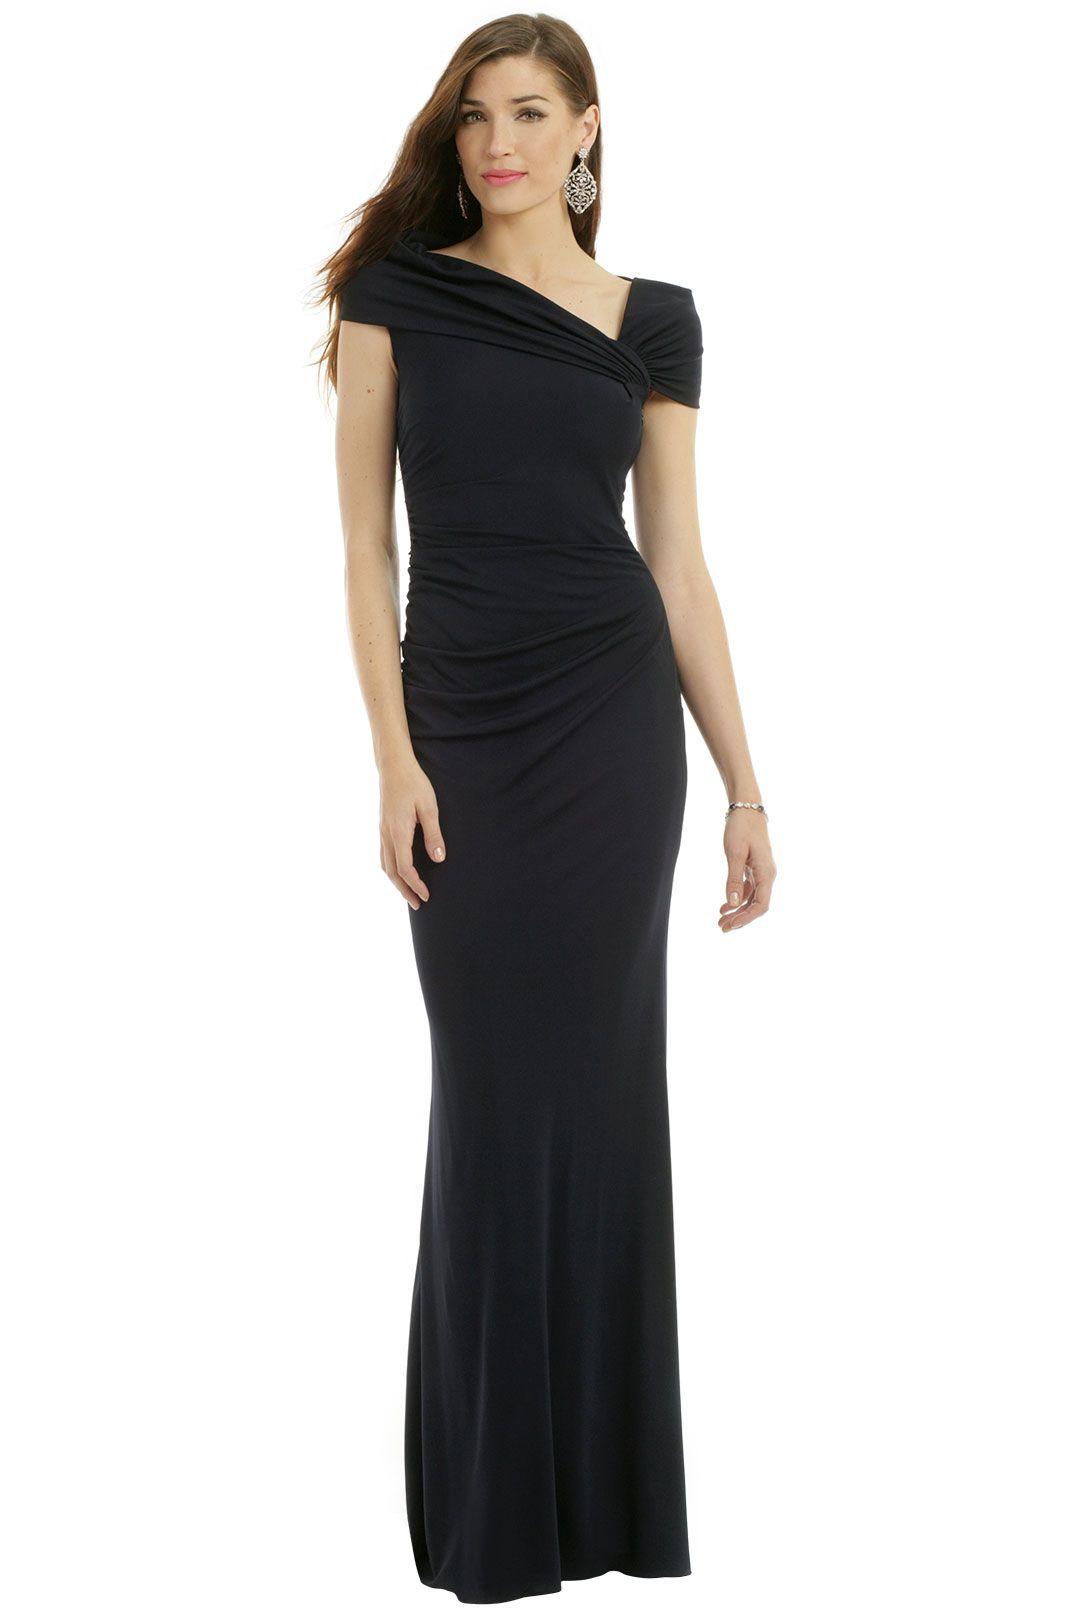 Black tie style badgley mischka of divine nature gown wedding